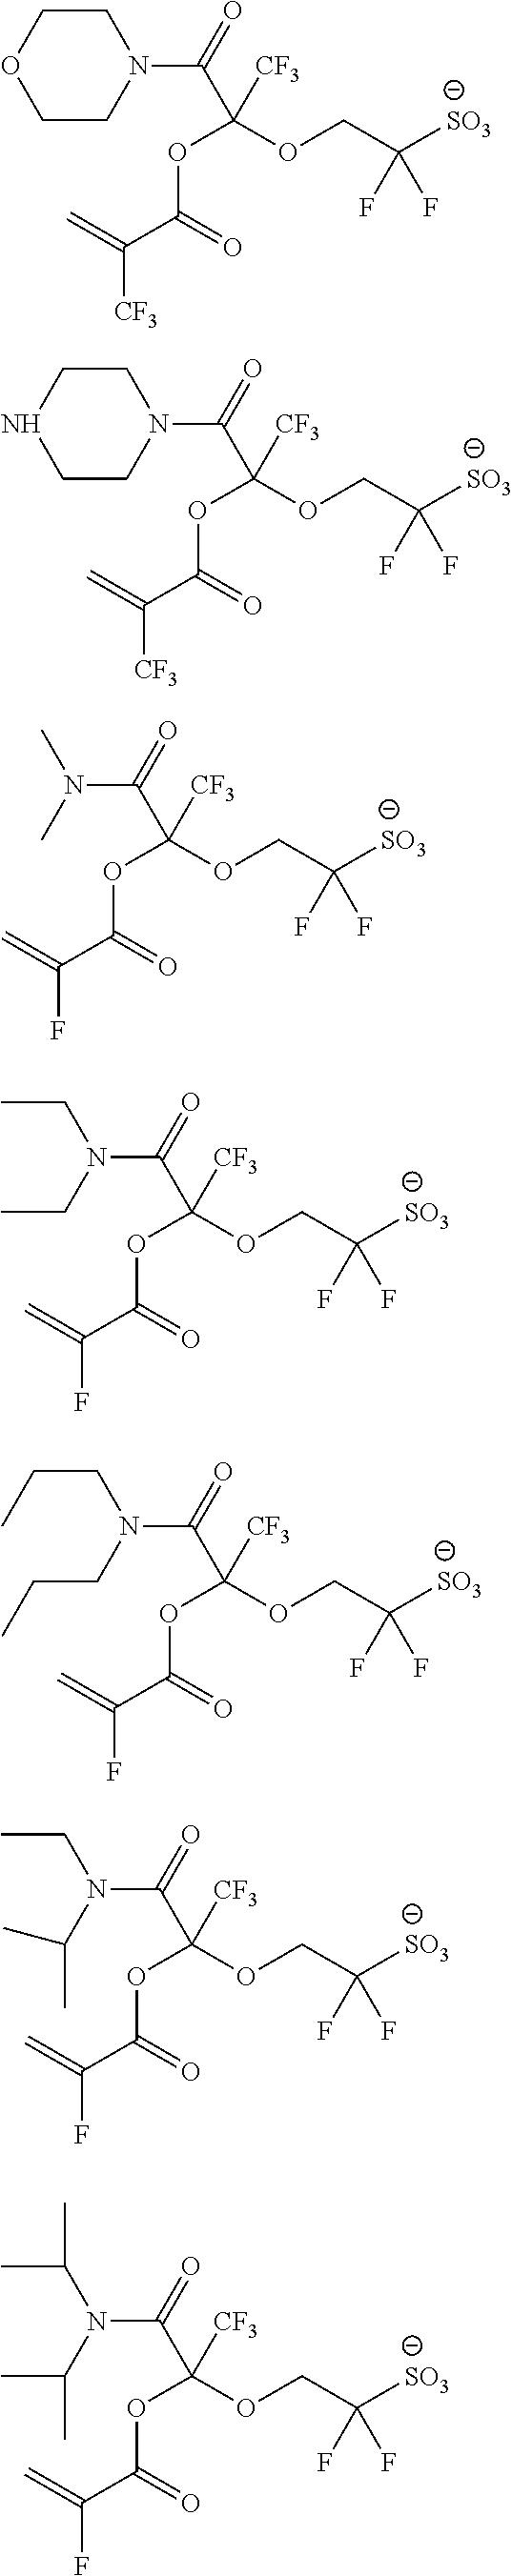 Figure US09182664-20151110-C00051